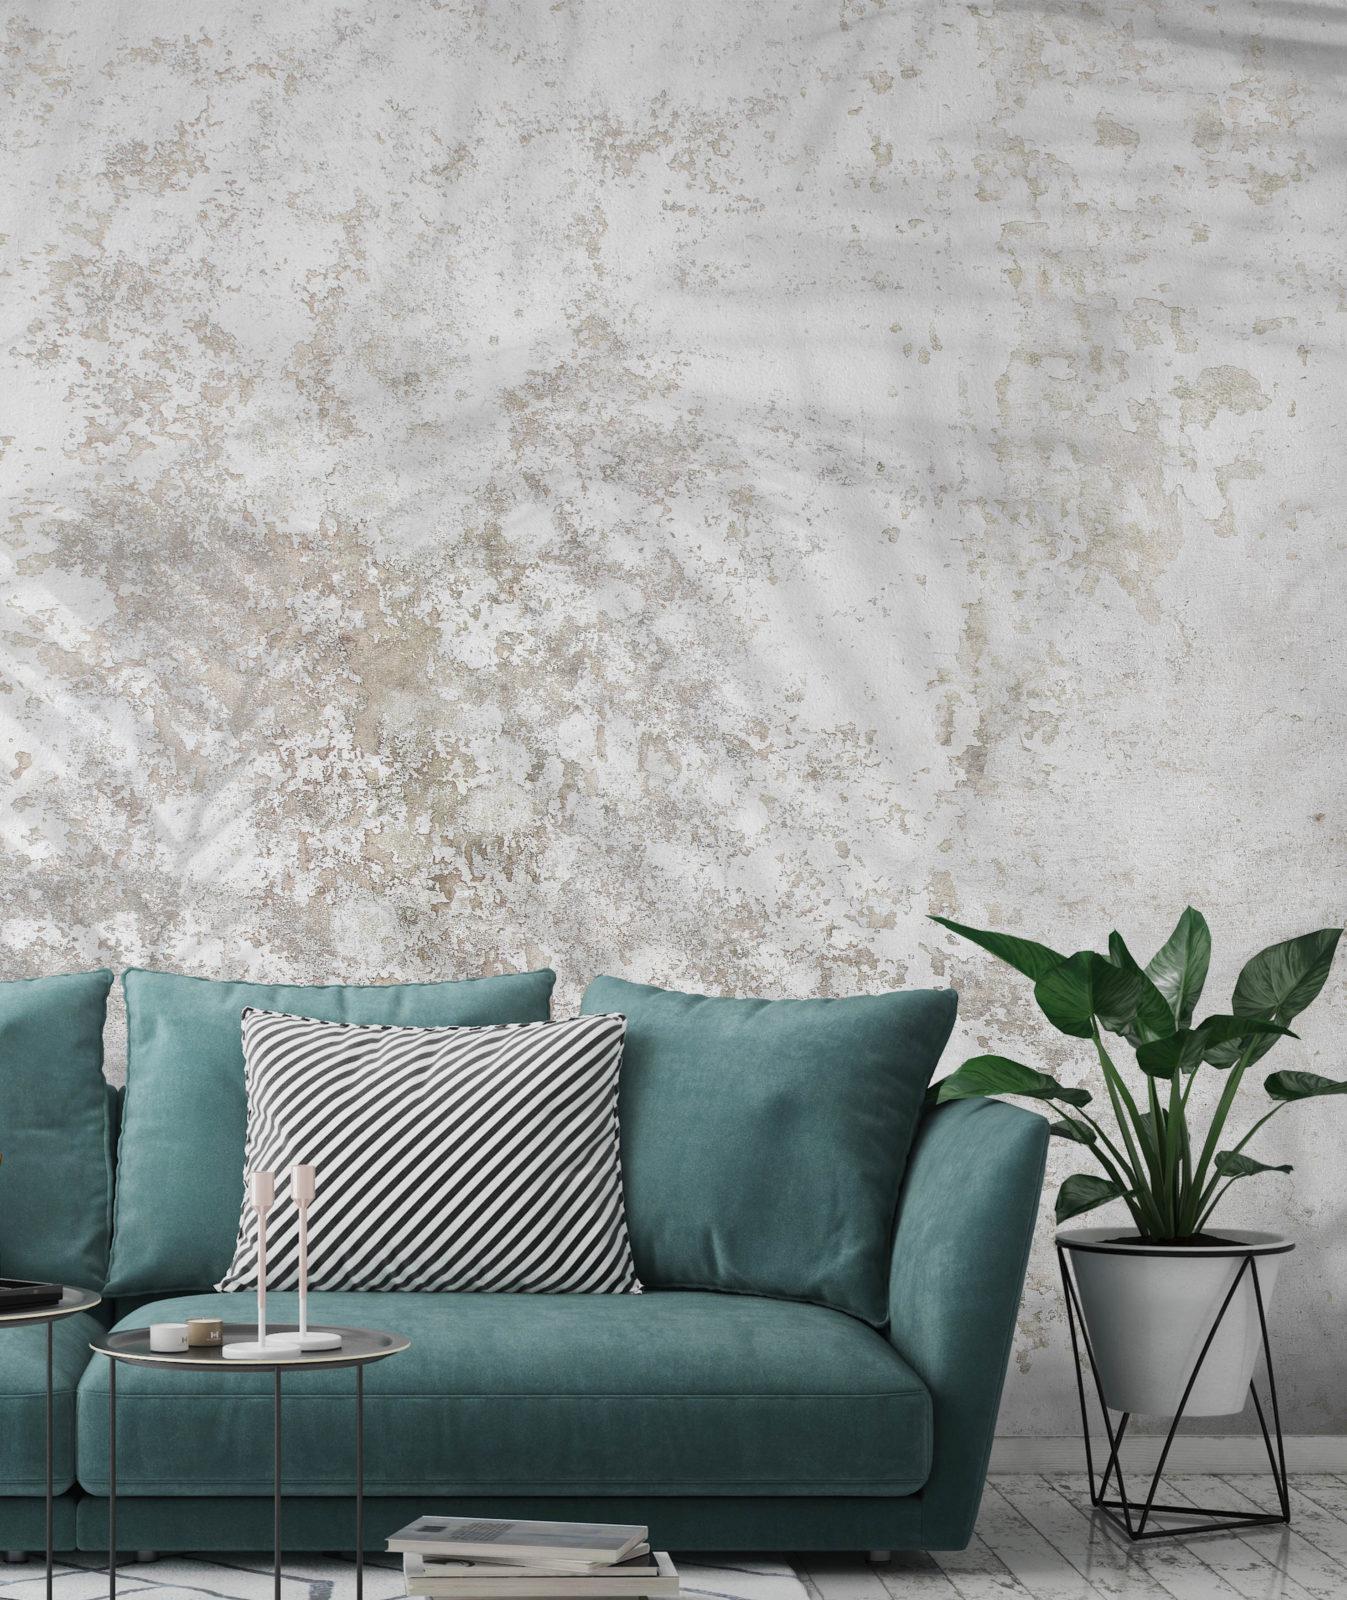 carta da parati effetto muro invecchiato con palme in trasparenza